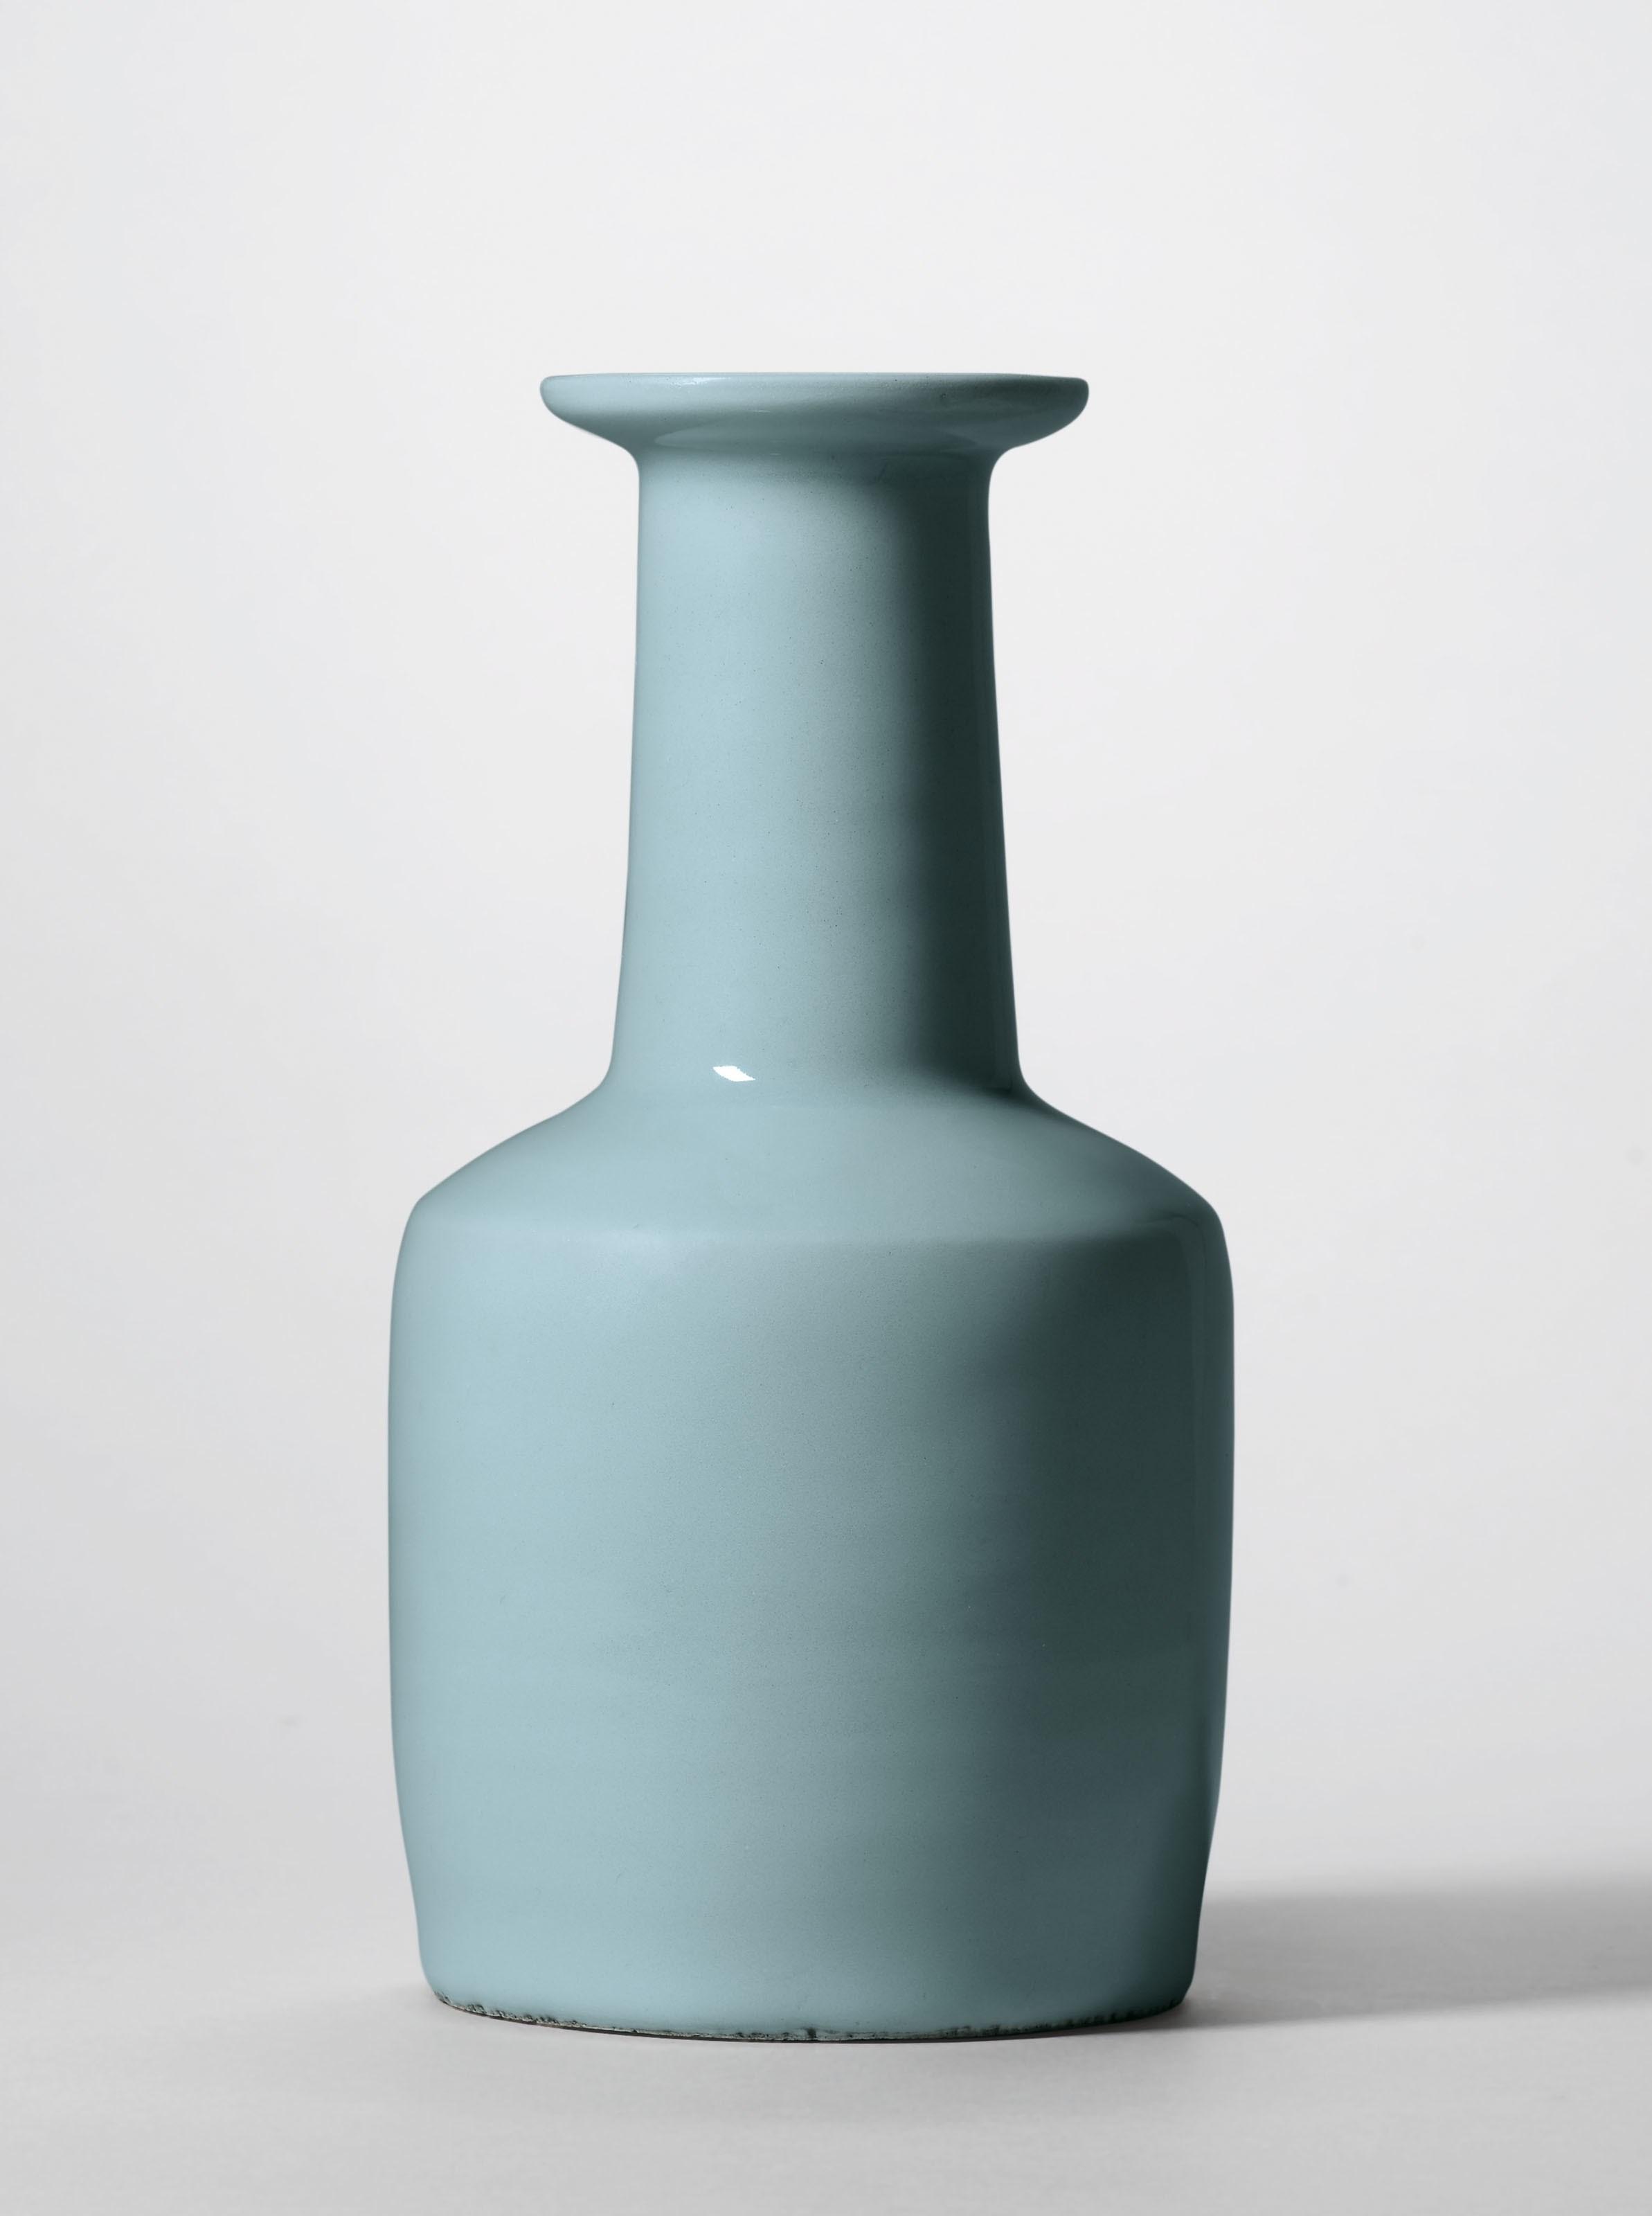 南宋 龙泉粉青釉纸槌瓶,高9⅛ 吋 (23.4公分)。此拍品于2018年11月26日在佳士得香港不凡- 宋代美学一千年(晚间拍卖)中以42,850,000港元成交。